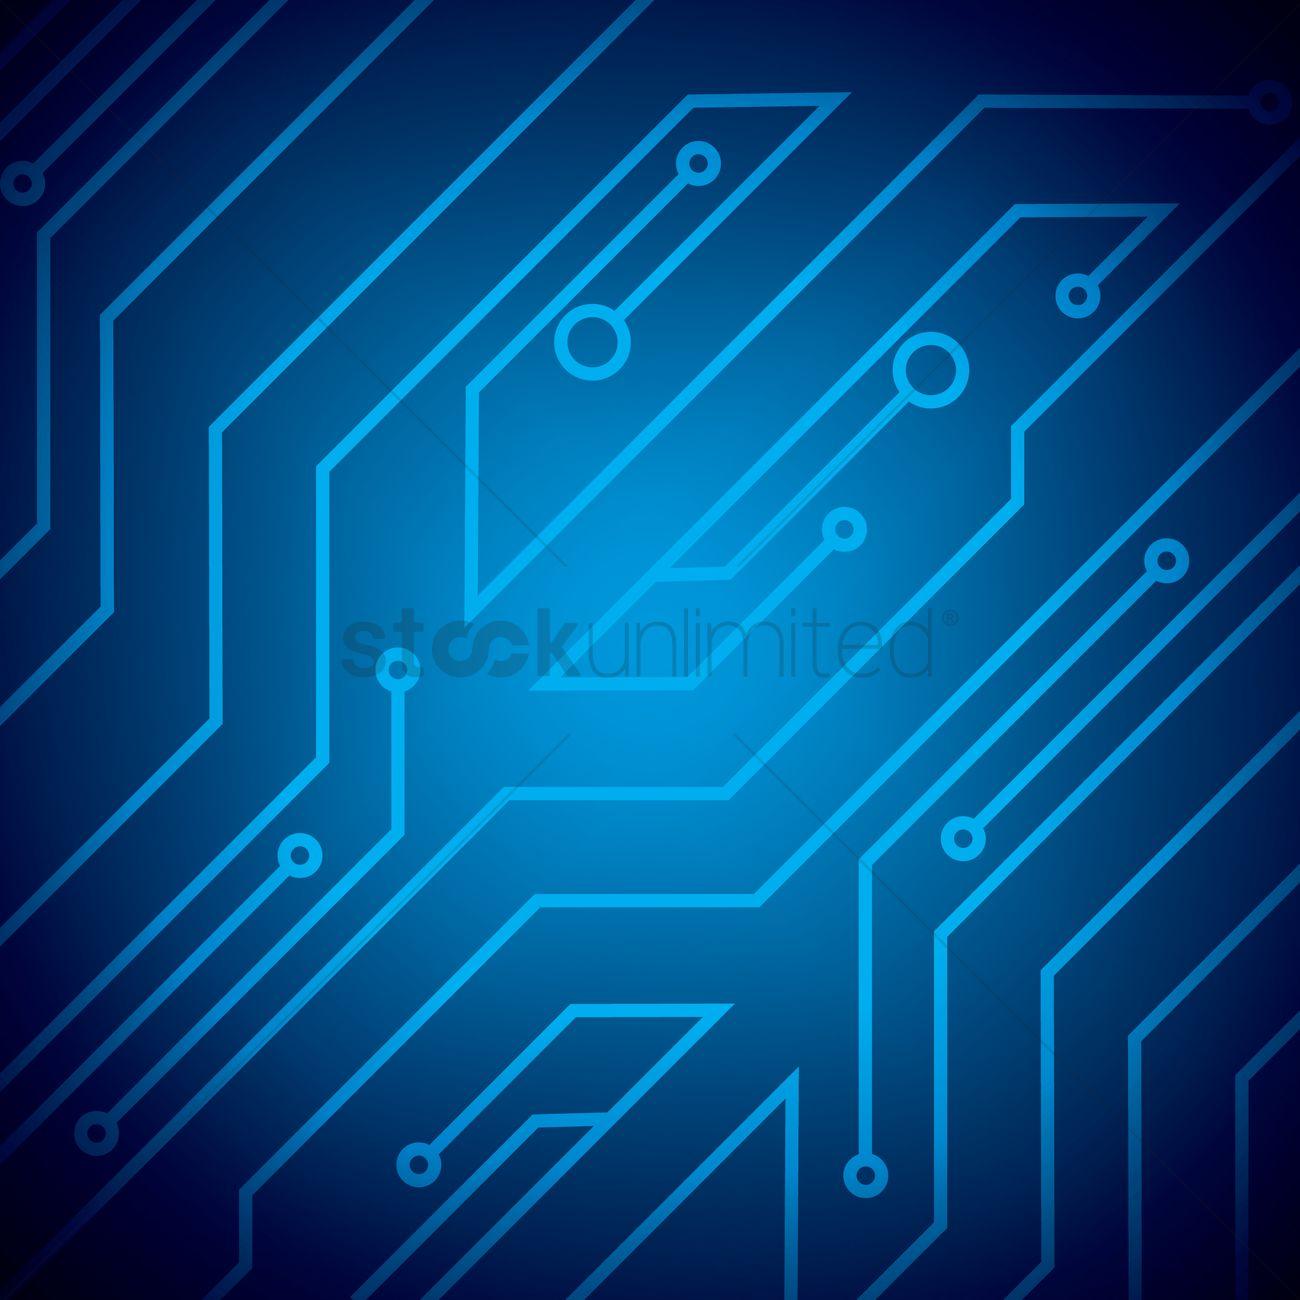 circuit board designs - Tire.driveeasy.co